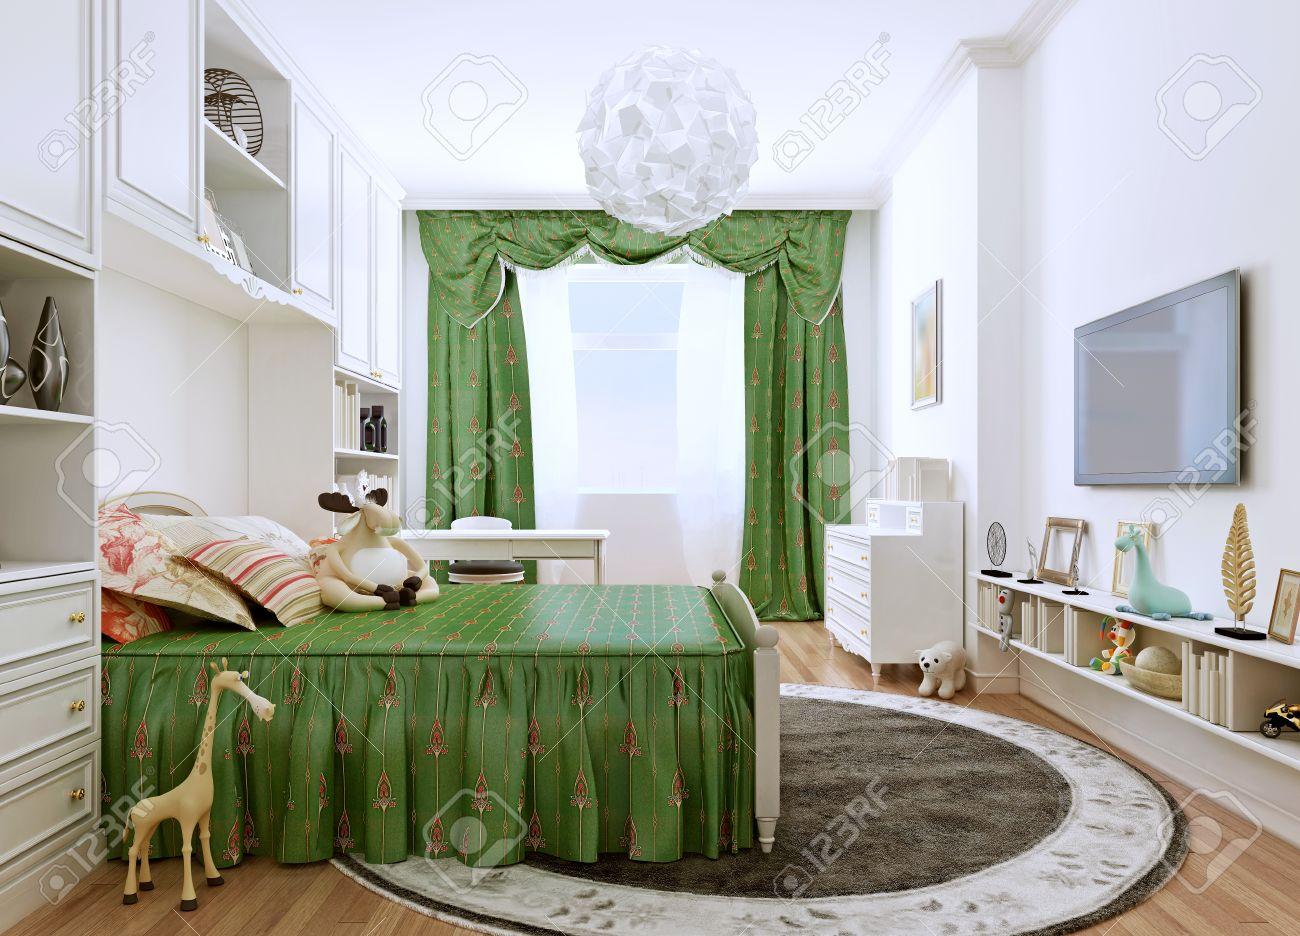 Full Size of Und Jugendzimmer Im Klassischen Stil Gerumiges Zimmer In Bett Eiche Sonoma Betten 200x220 Such Frau Fürs Bock Stauraum 200x200 Bette Duschwanne Günstige Tojo Bett Jugendzimmer Bett